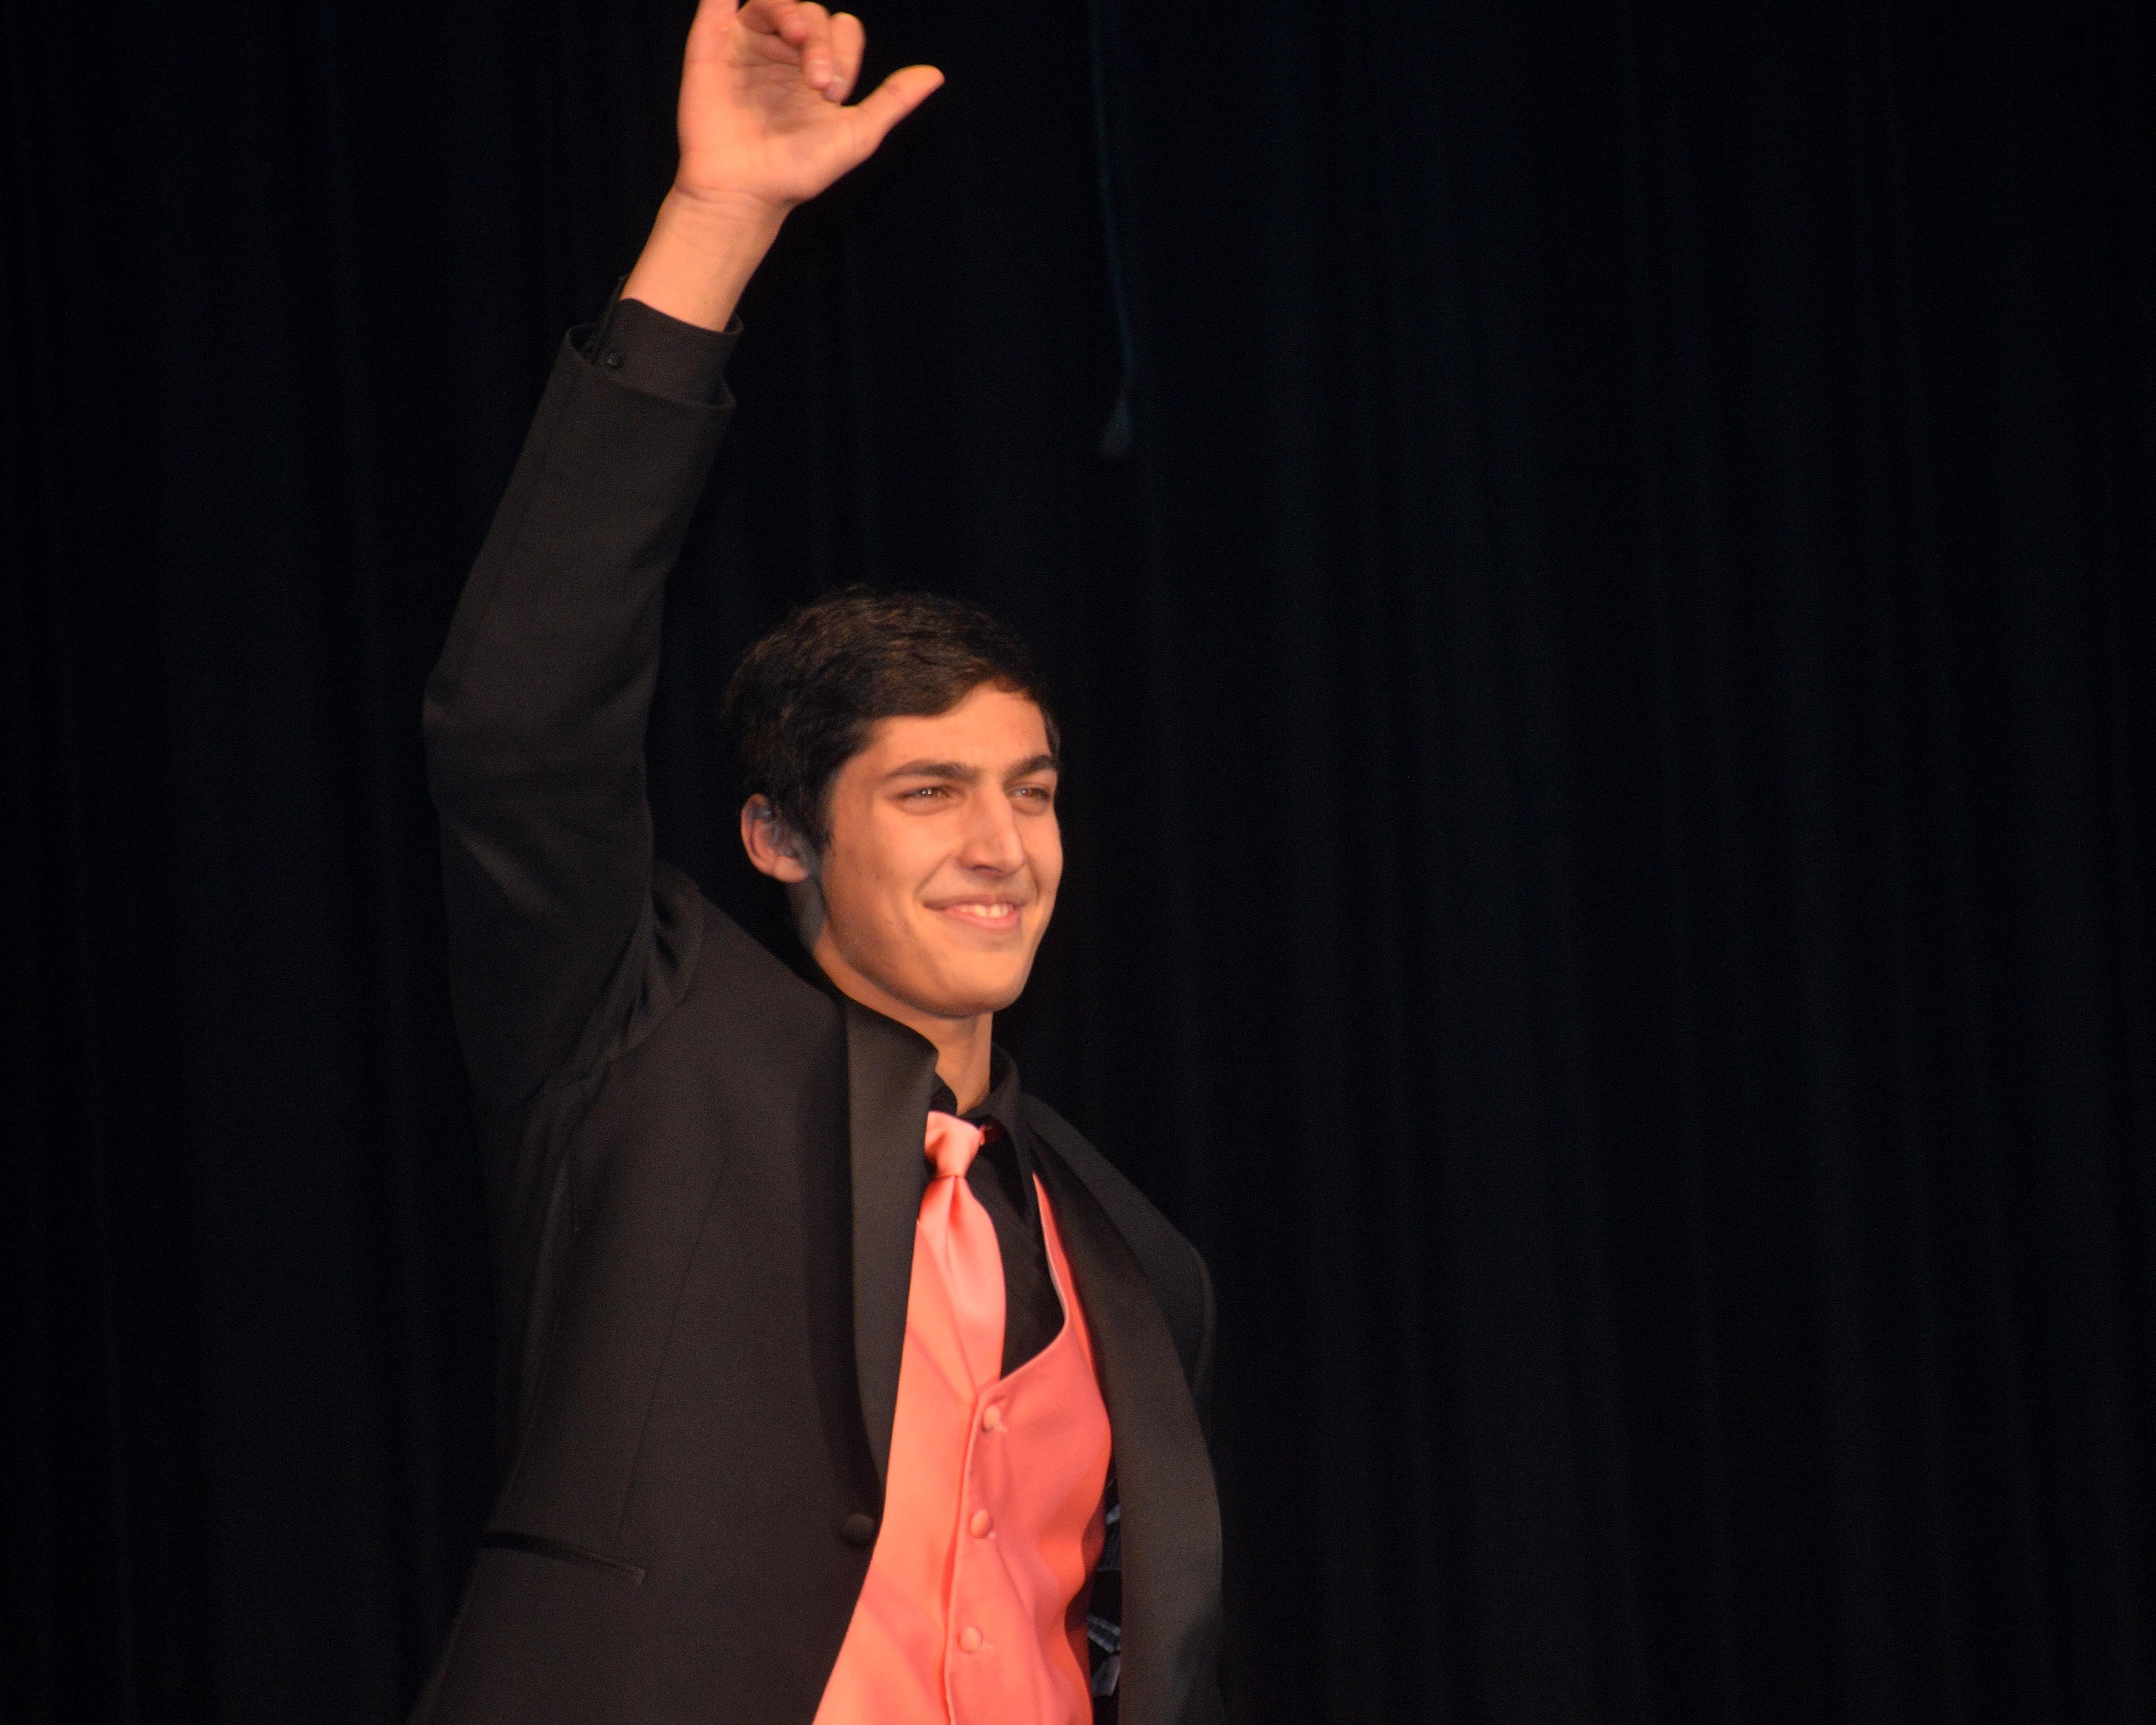 7f63b458920d99b04329_Joey_Buttigheri_acknowledges_the_crowd.JPG